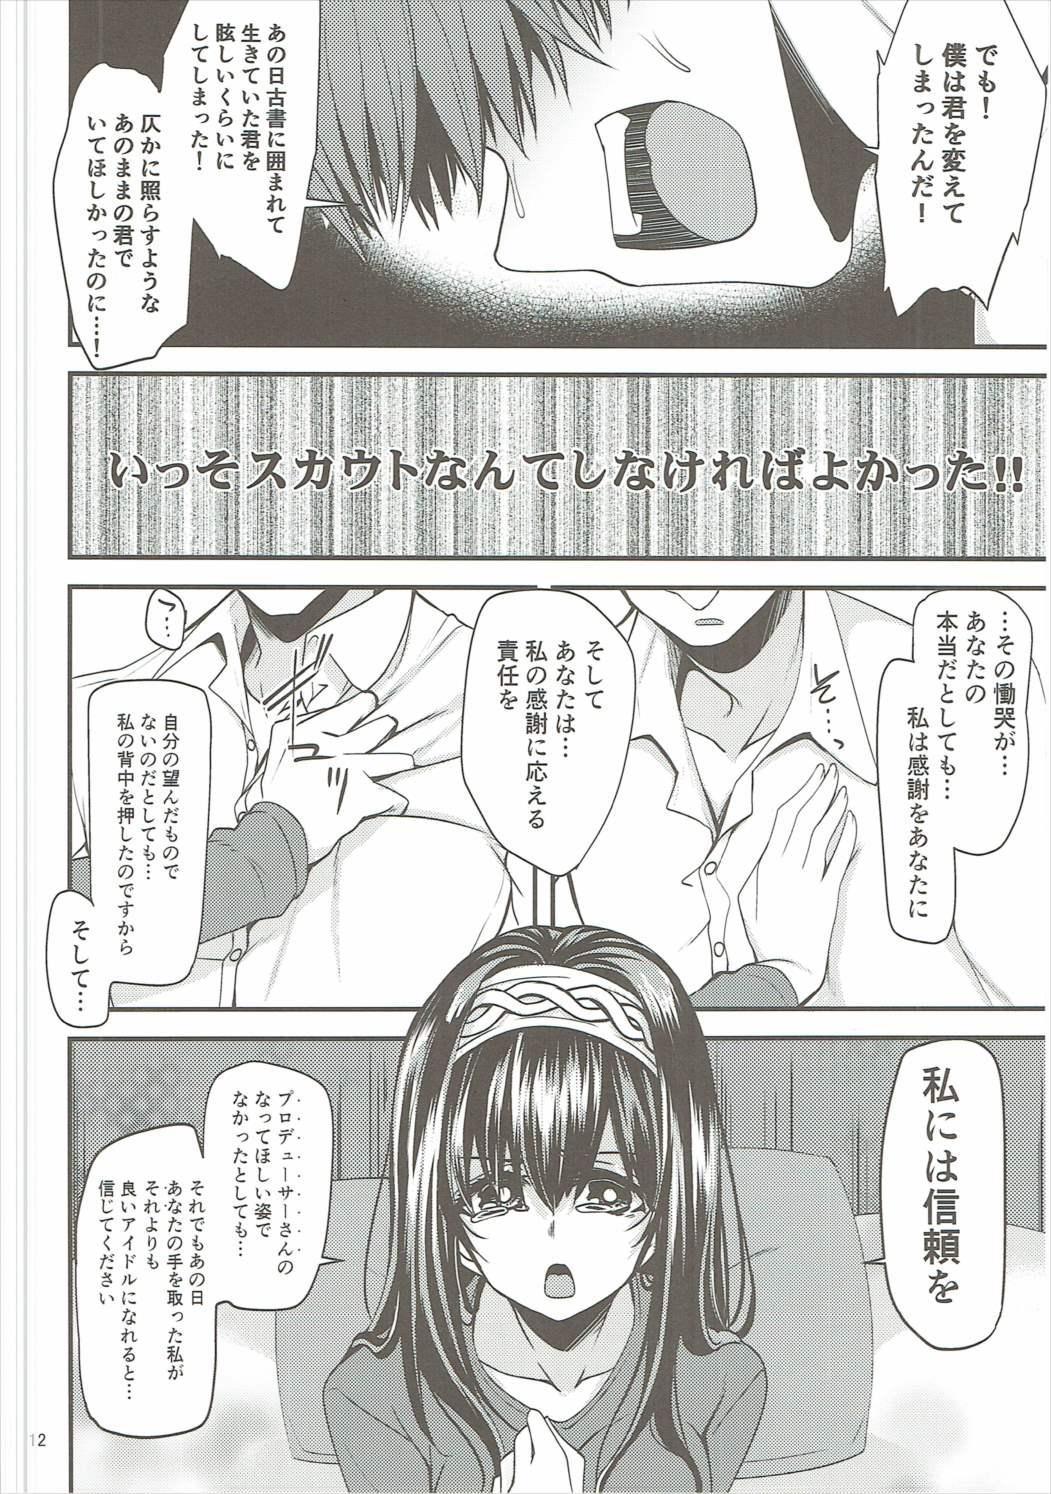 Kagehinata ni Saku, Yukiwari no Hana 10